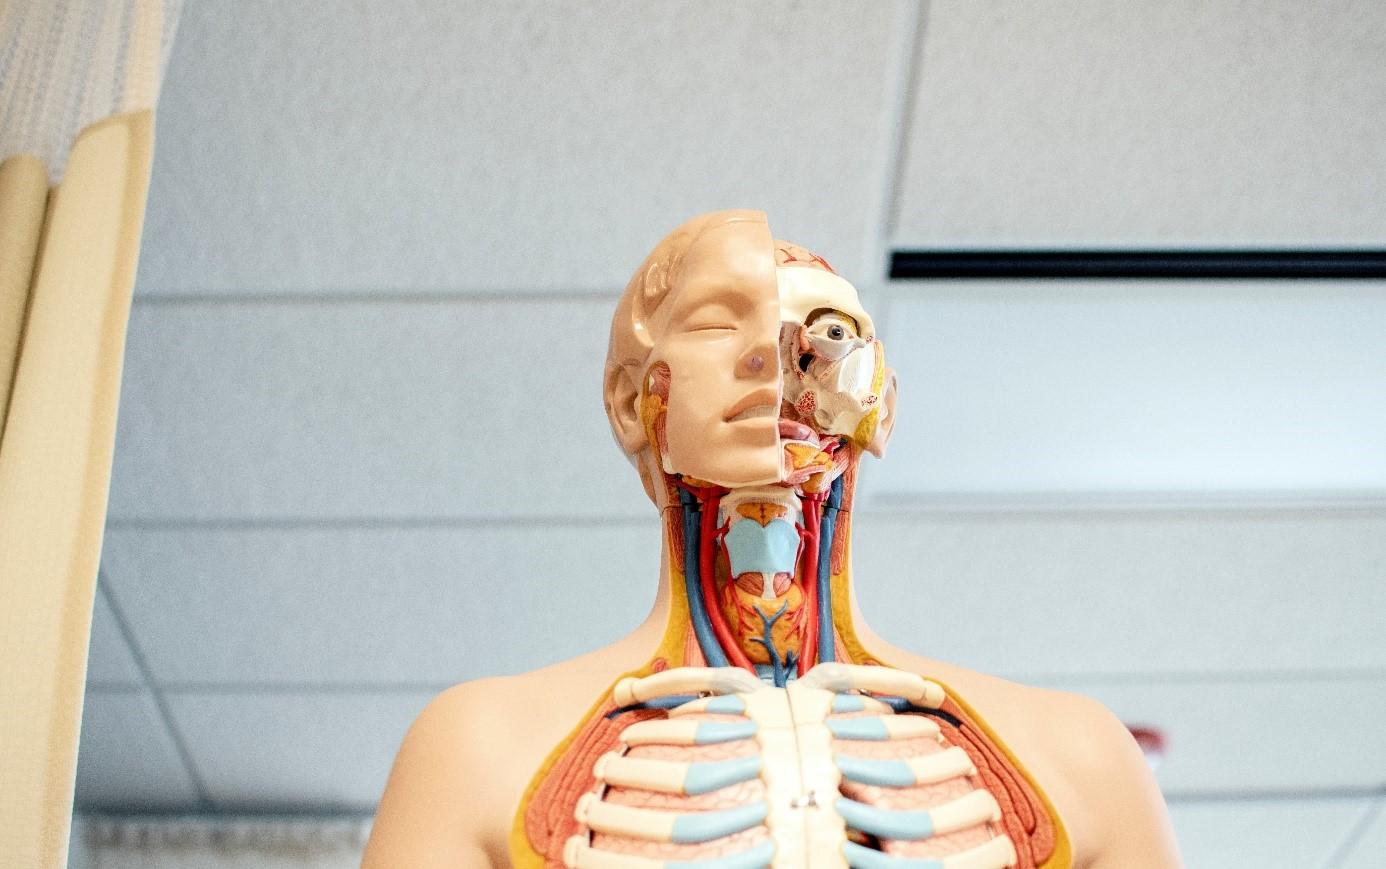 ortopedi-nedir-ve-hangi-hastaliklara-bakar-1.jpg